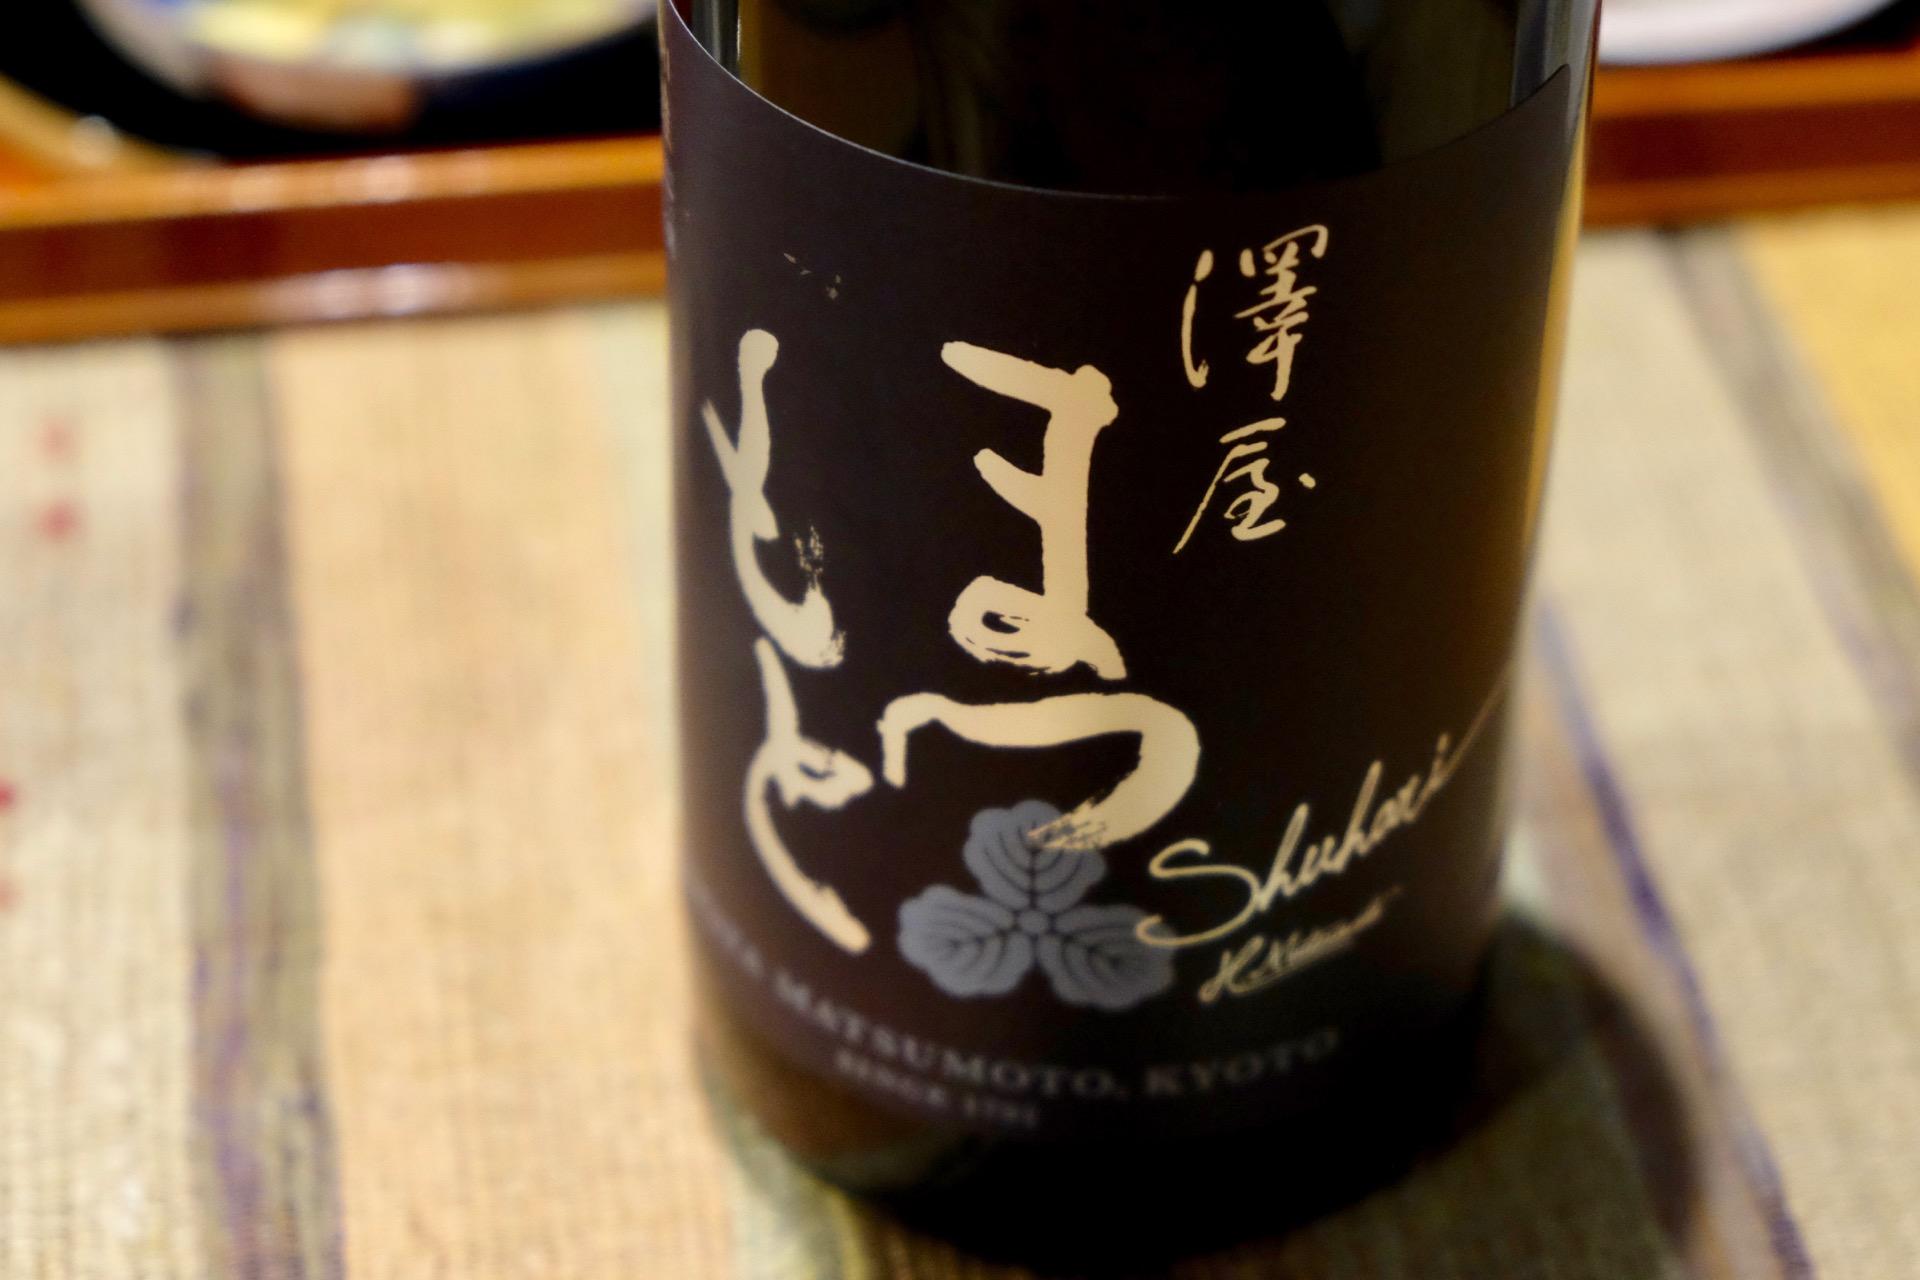 澤屋まつもと 守破離 Furuke 48|日本酒テイスティングノート